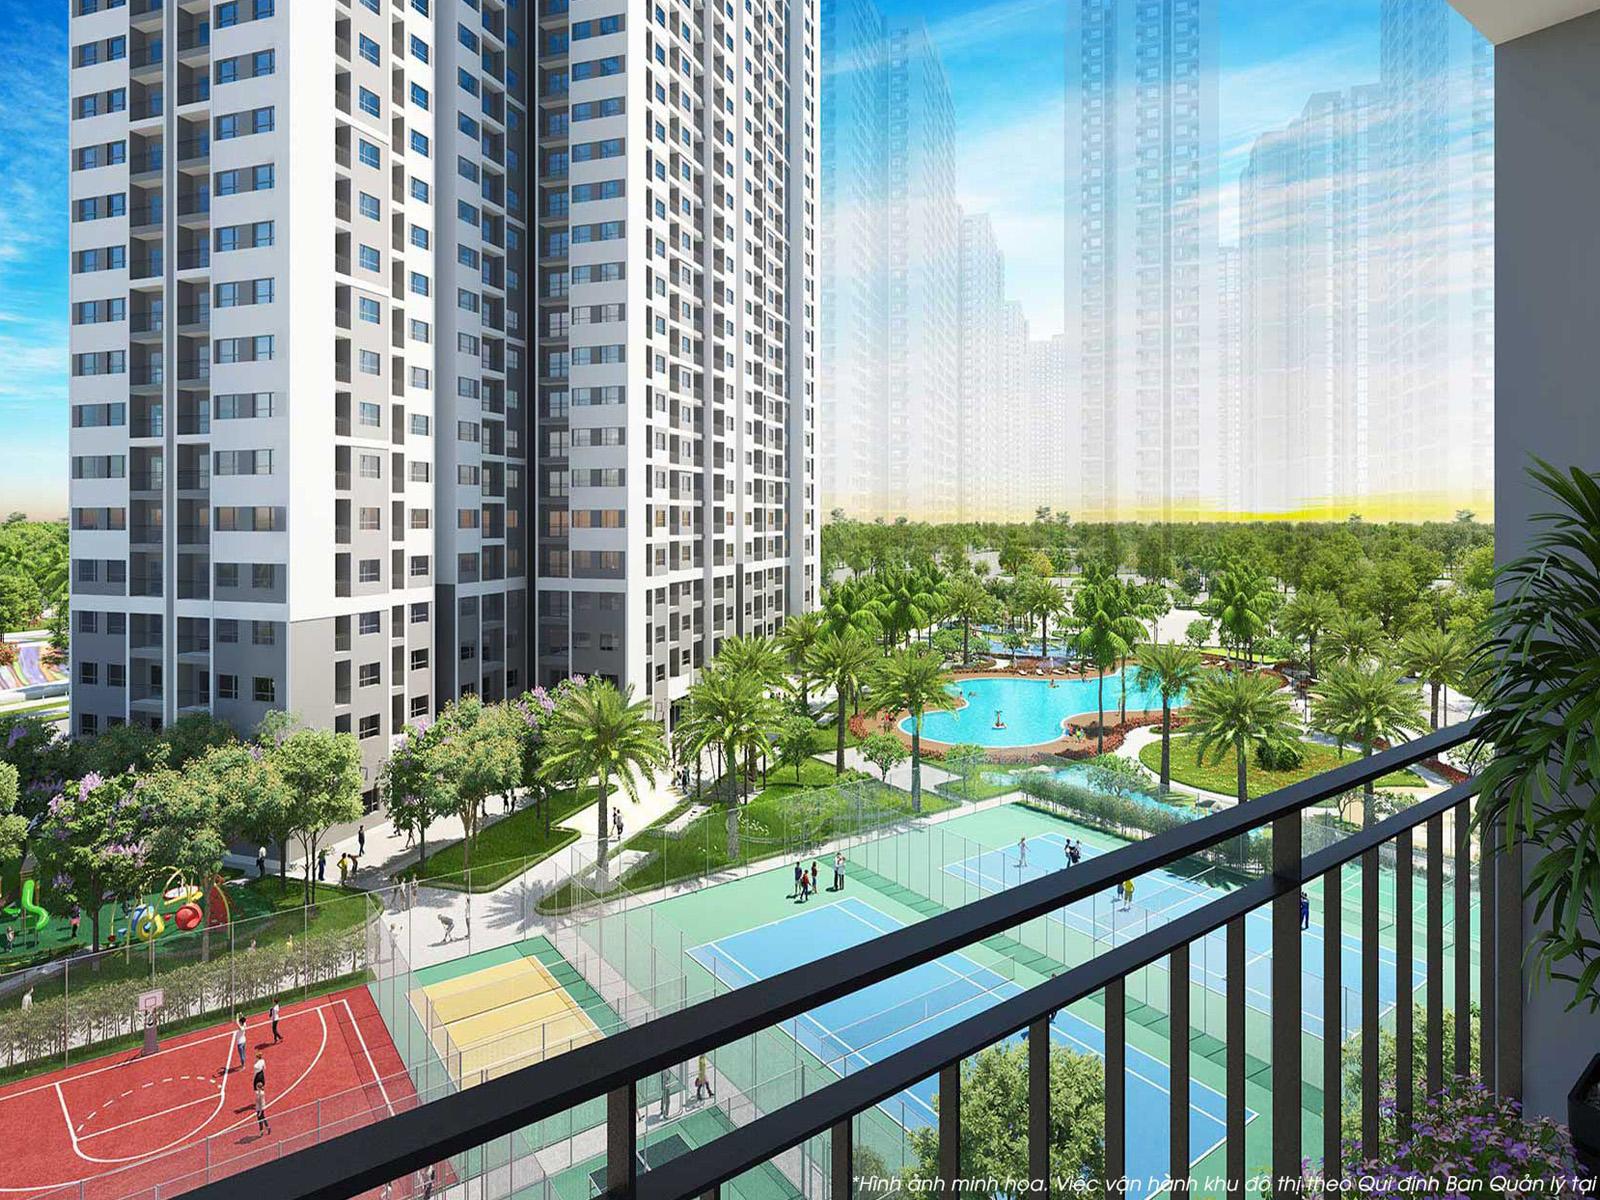 <text bình thường> Phân khu Sapphire 3 Sapphire 3 sở hữu 3 tòa tháp cao tầng (S3.01;S3.02;S3.03), đặc biệt, mật độ xây dựng thấp - chỉ 19 căn hộ/ sàn giúp cư dân có không gian sinh hoạt thoáng đãng và thoải mái.